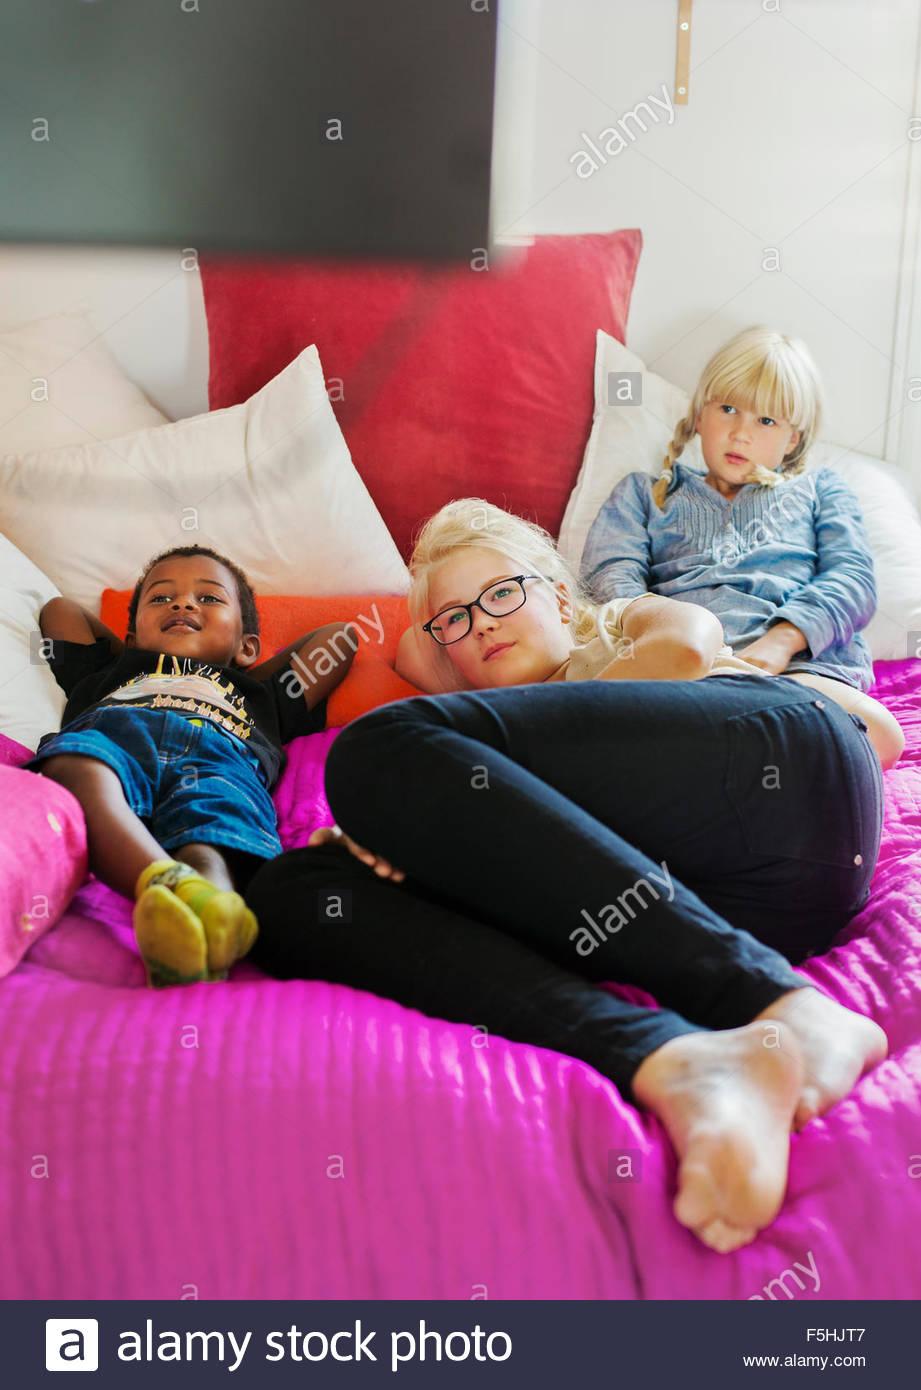 Dänemark, Geschwister (4-5, 10-11, 14-15) vor dem Fernseher zu Hause Stockbild